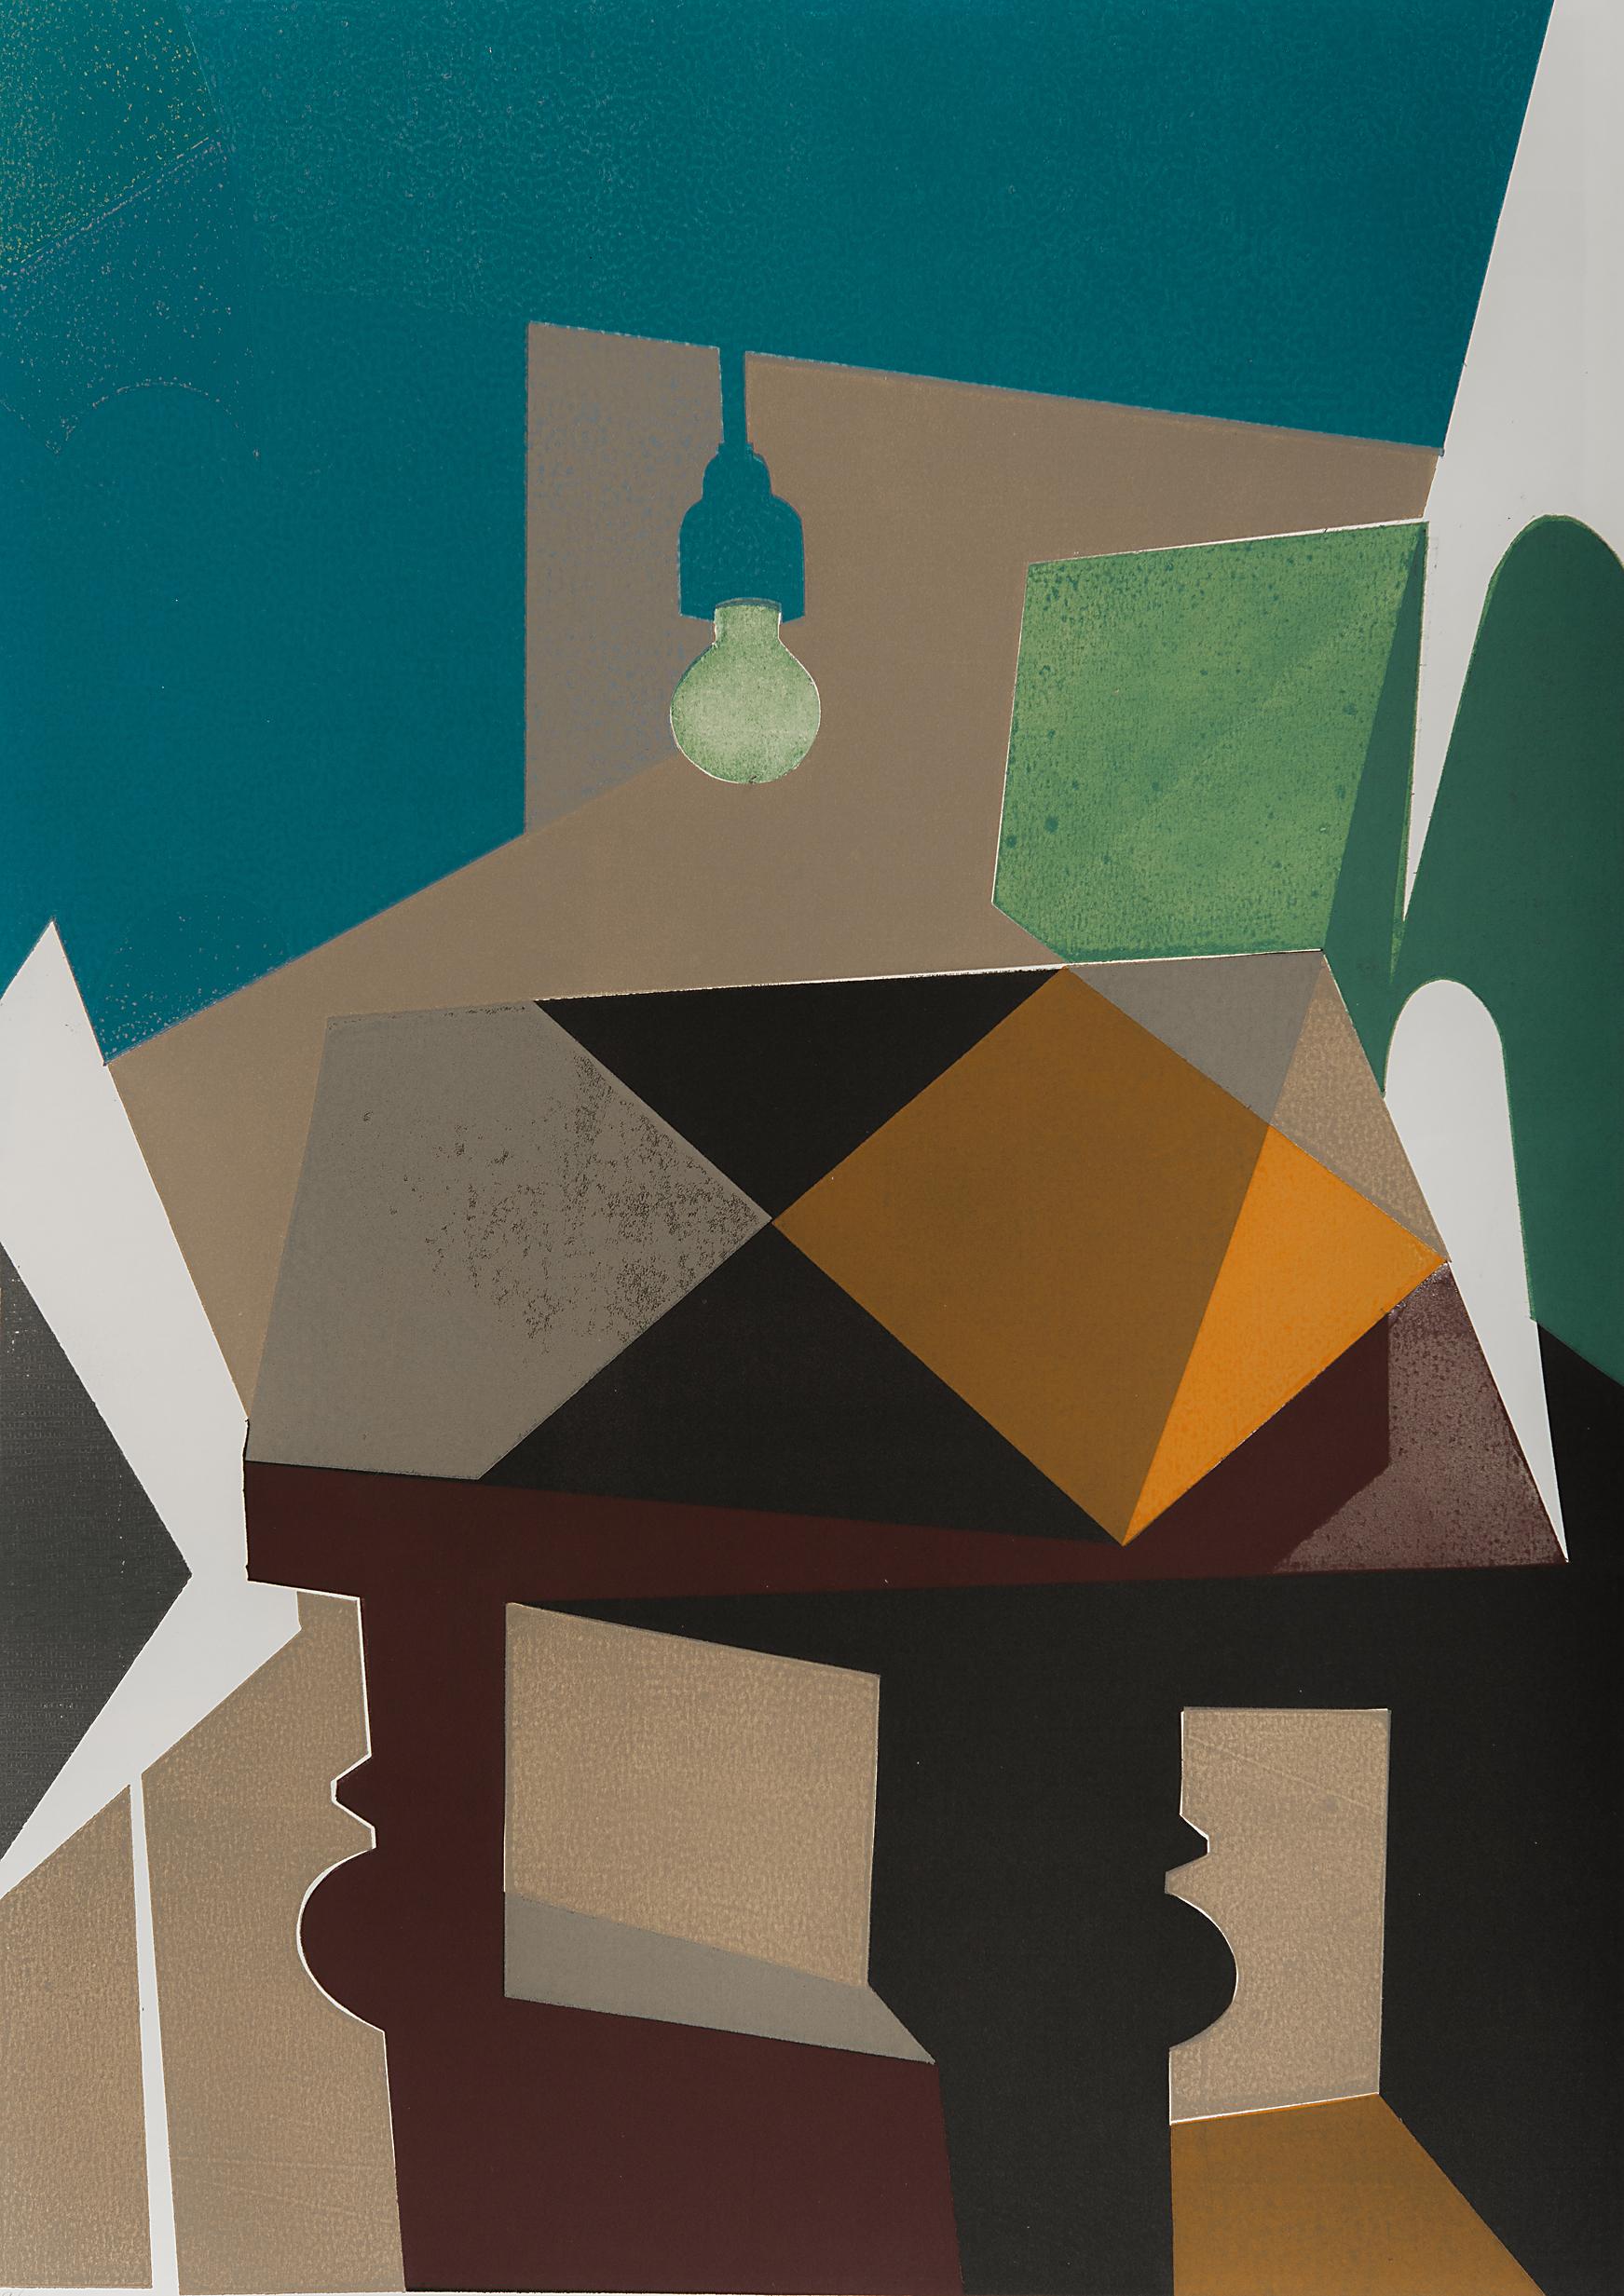 Tisch mit Lampenschatten